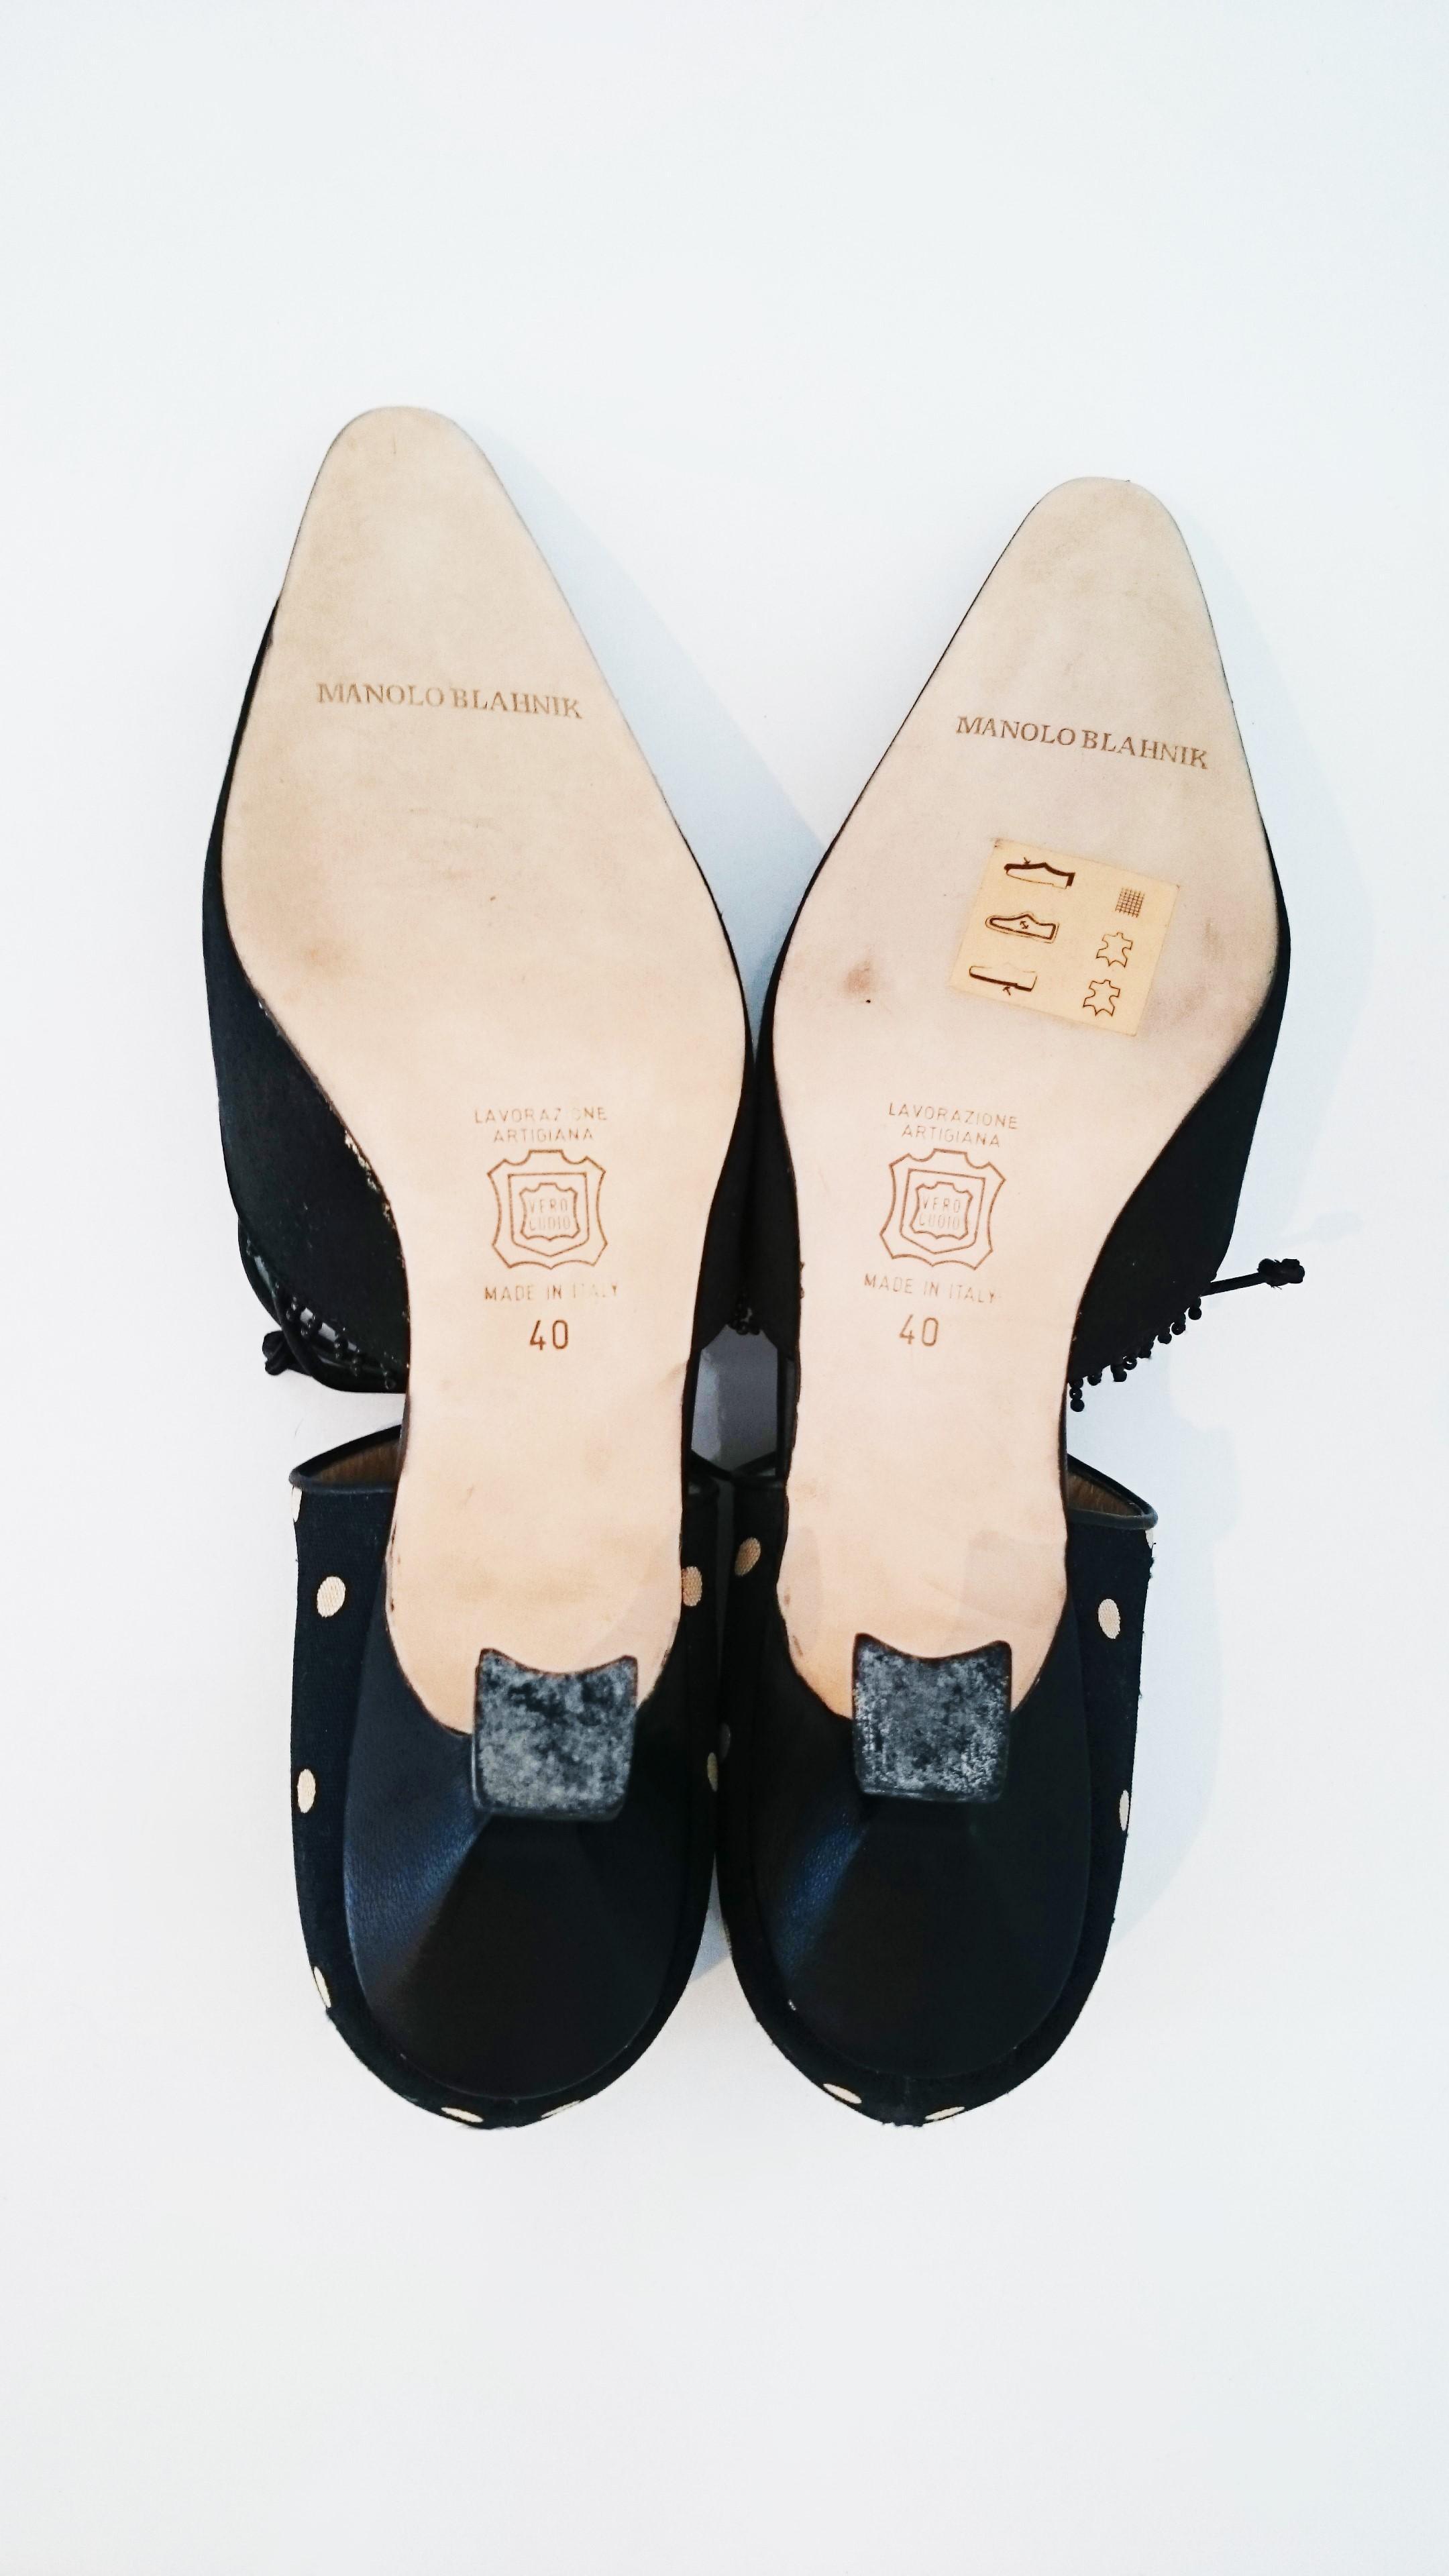 450dfd7e635a1d Manolo Blahnik schwarz Seide Absatzschuhe mit weißen Punkten. neu Größe 40  im Angebot bei 1stdibs